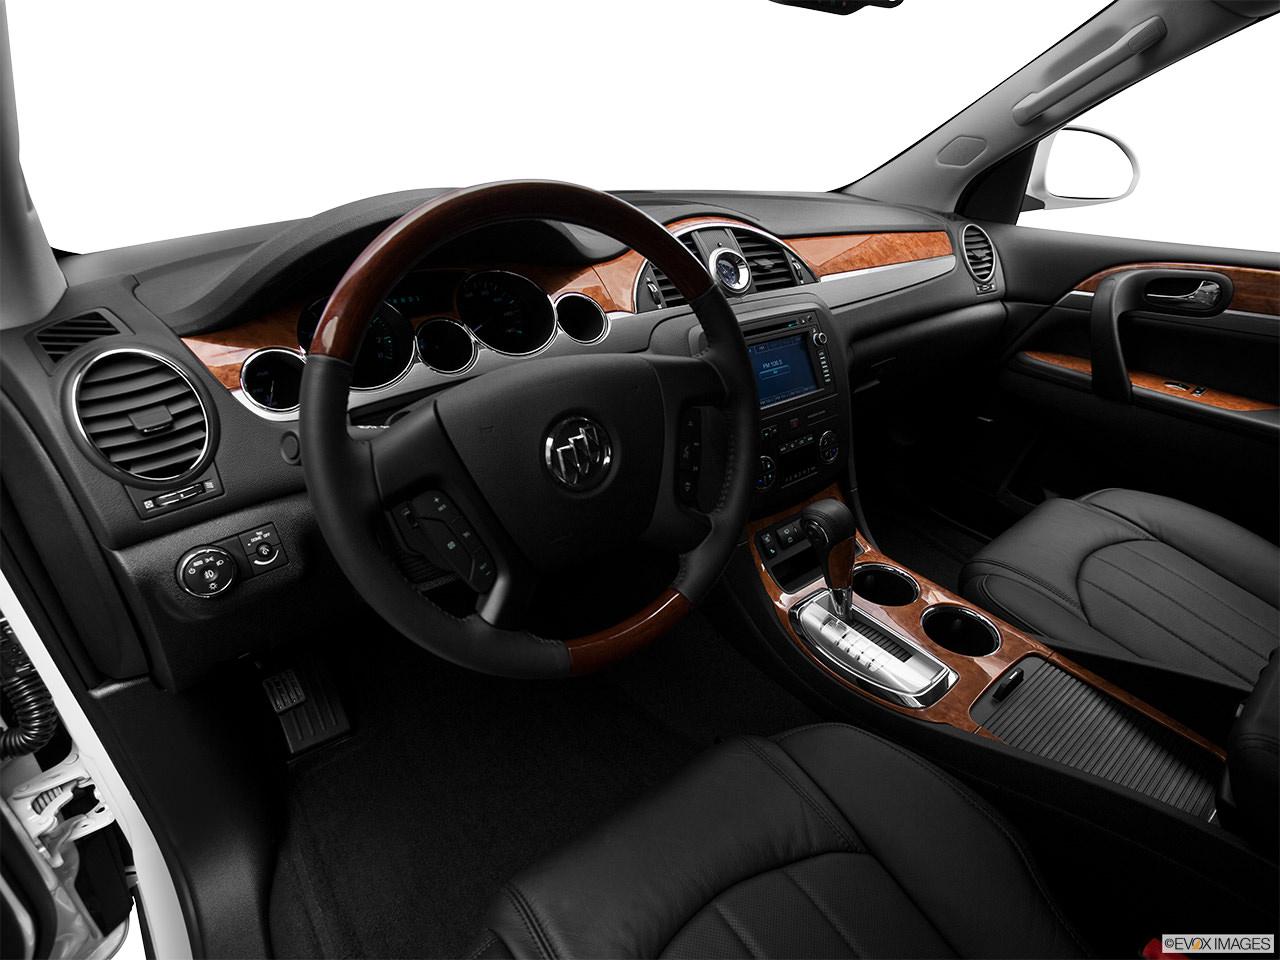 Buick Enclave 2012 Interior